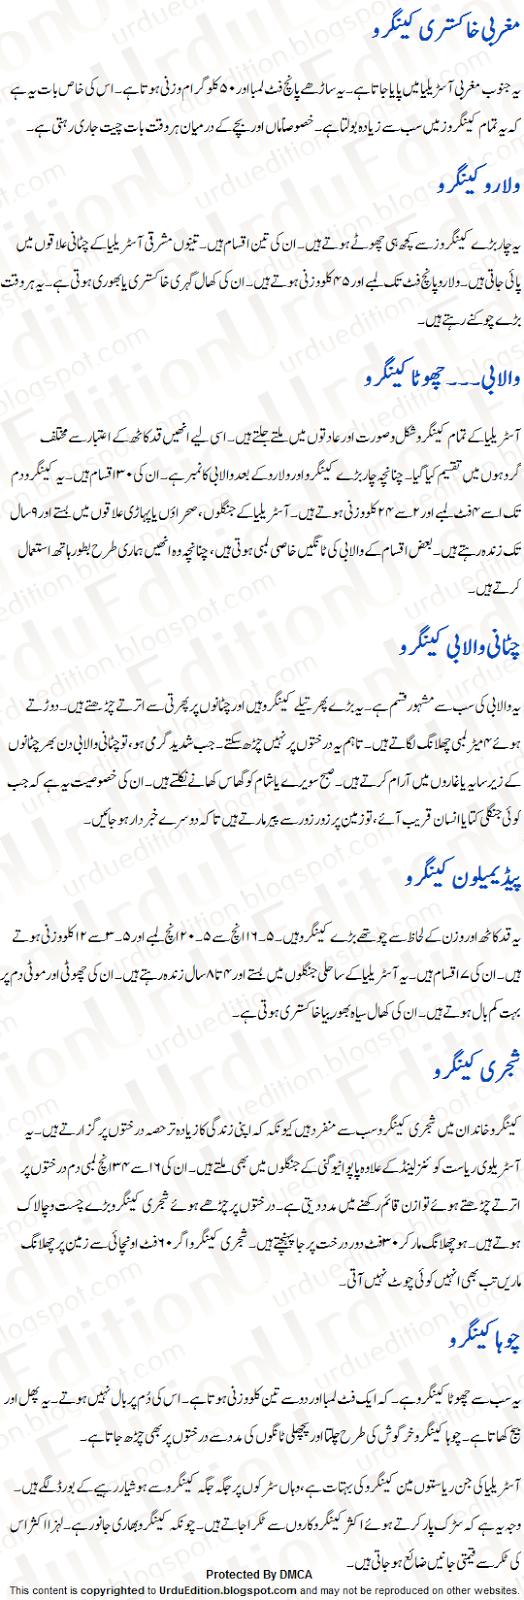 essay on zoo in urdu language